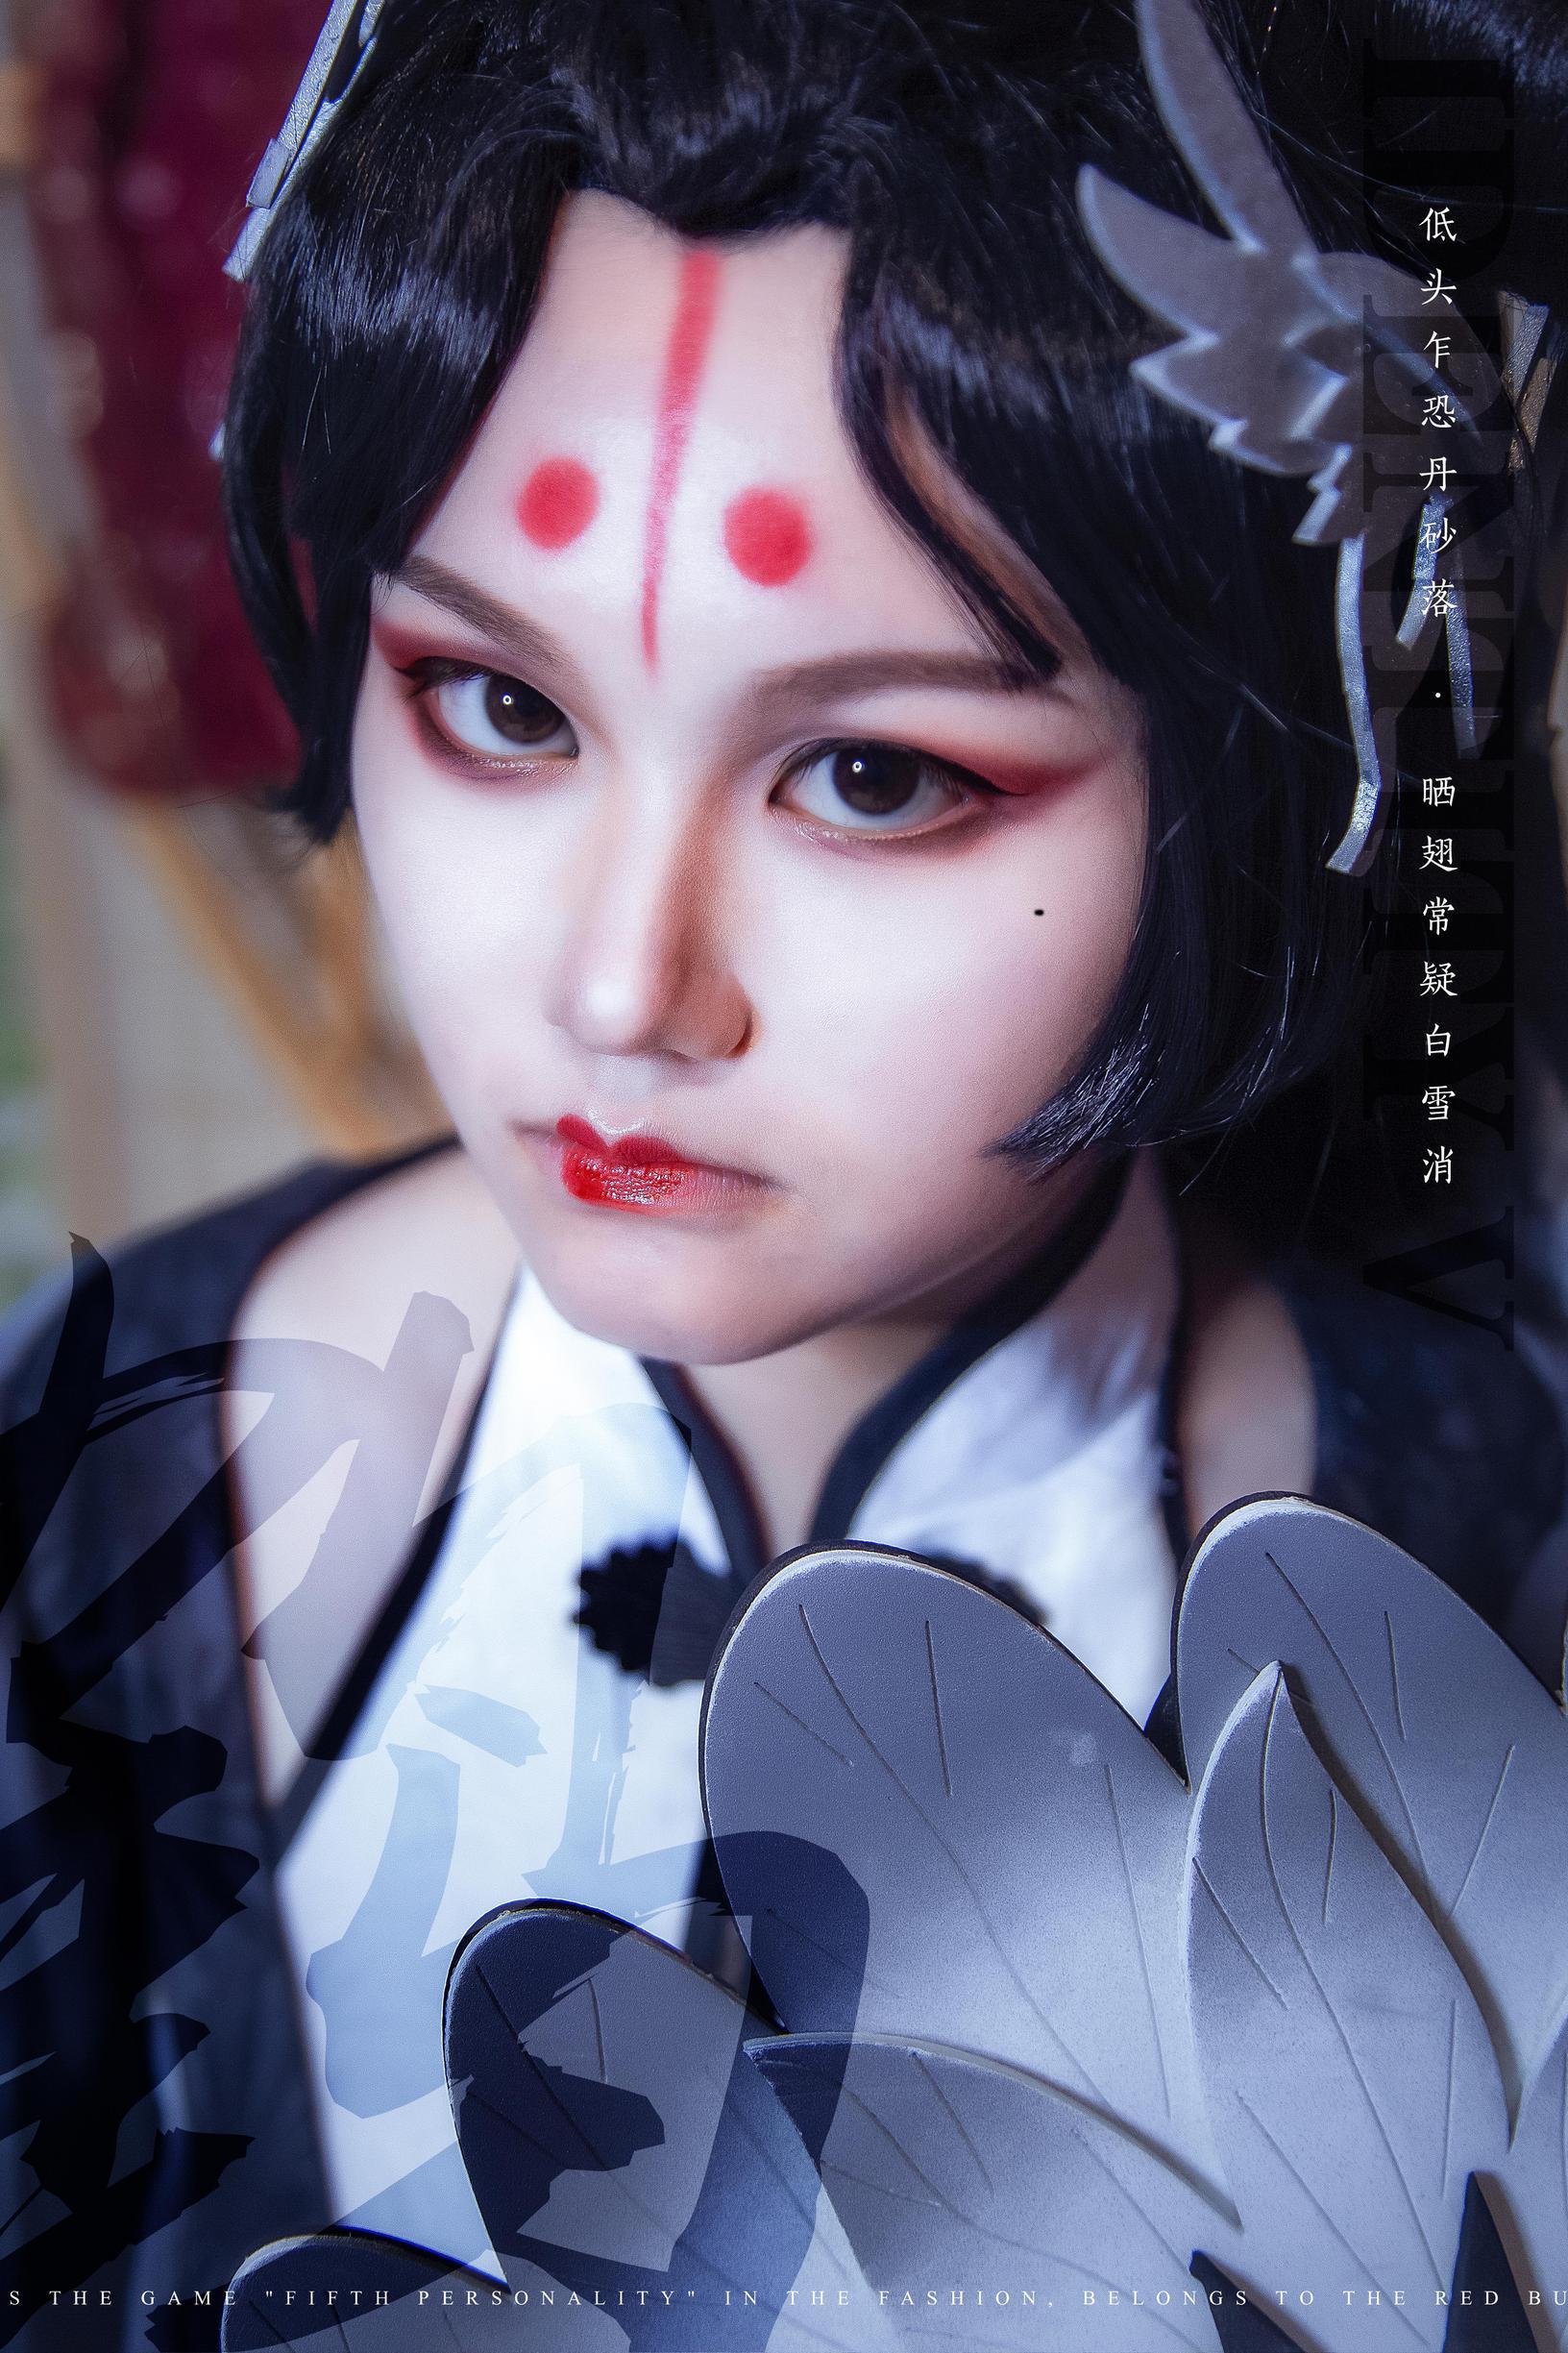 《第五人格》正片cosplay【CN:底层气人coser墨染】-第3张